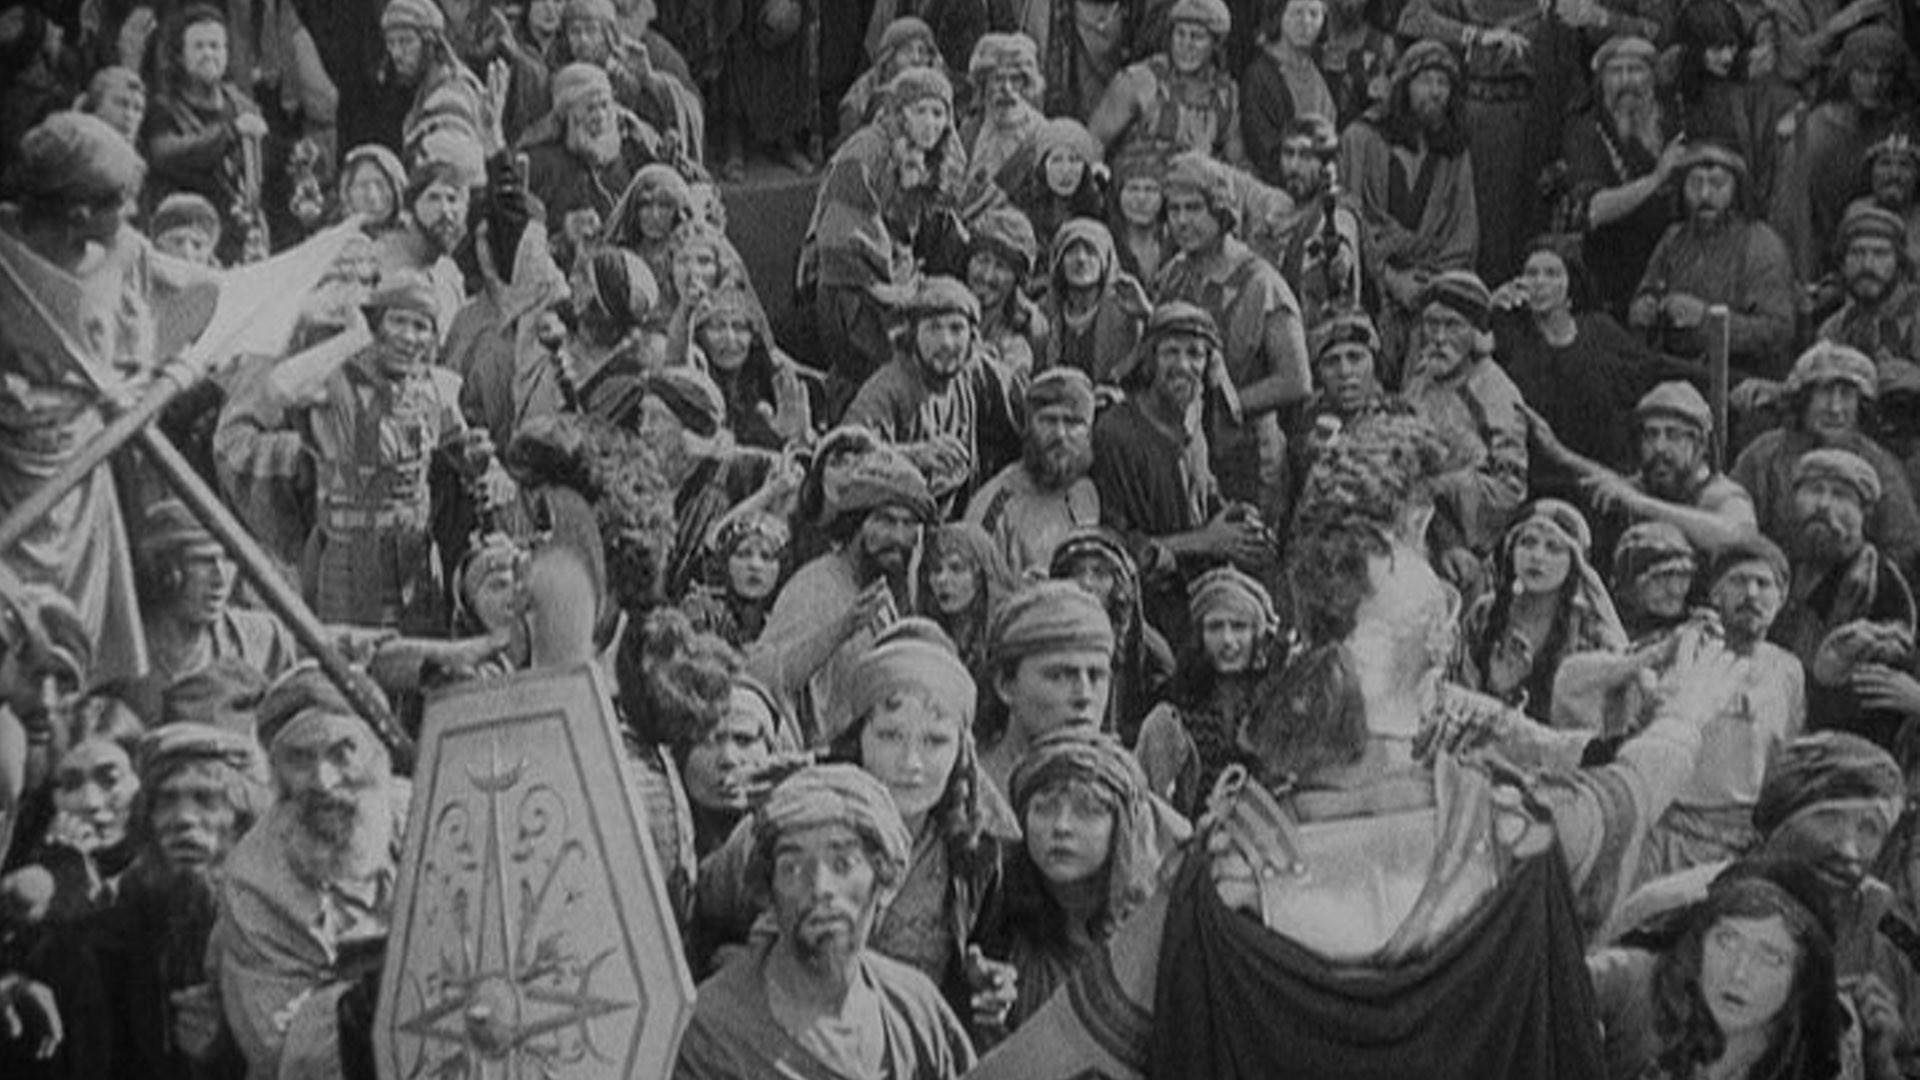 Царь царей фильм 1927  википедия с комментариями